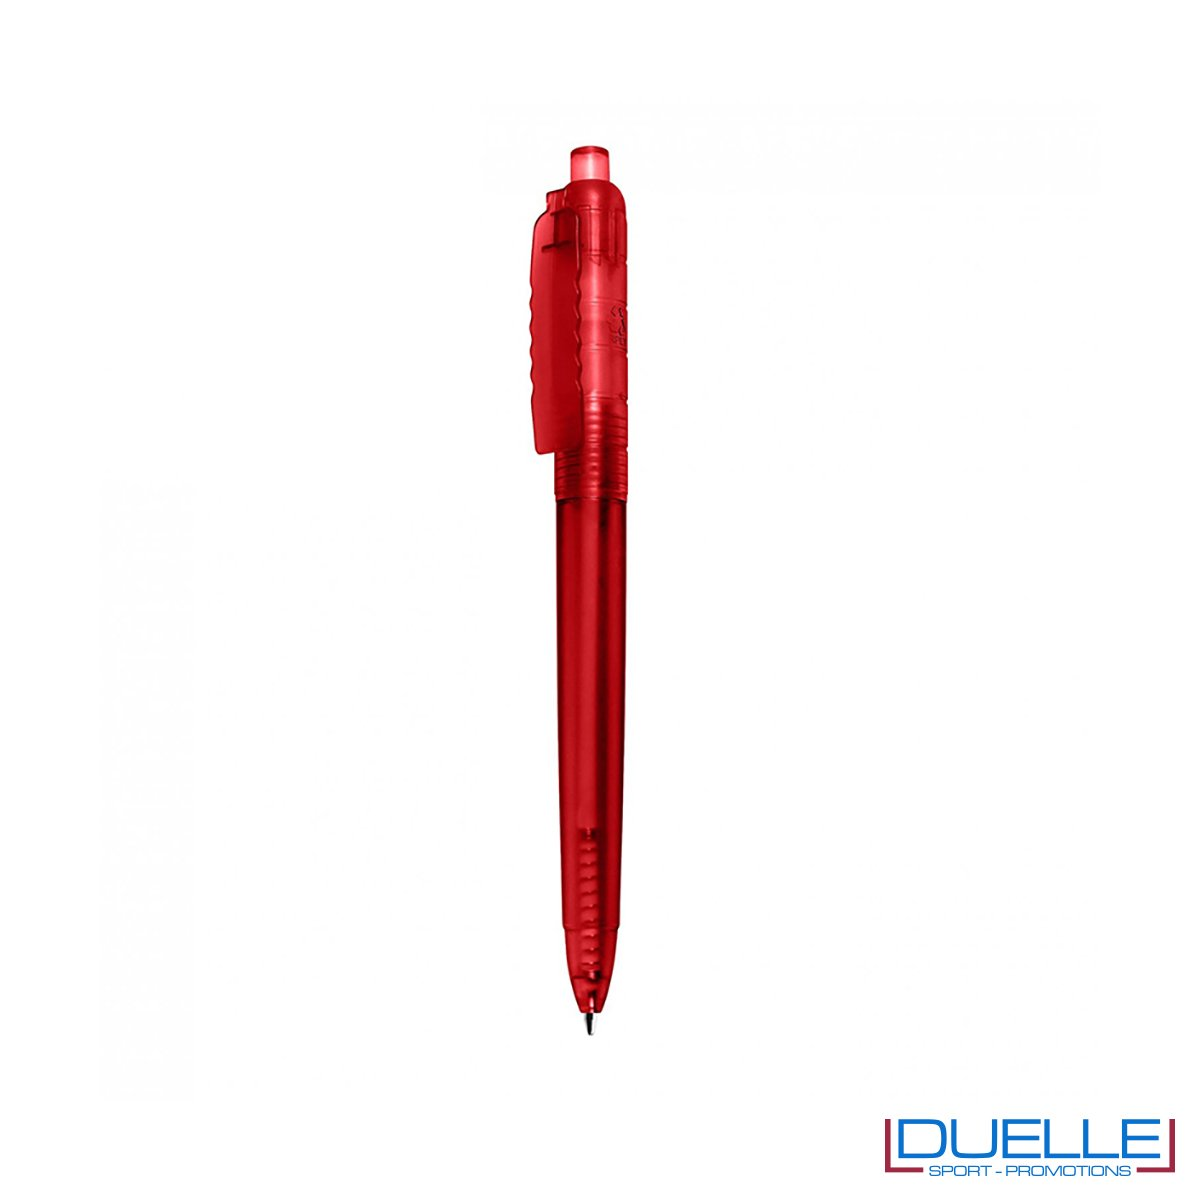 Penna a sfera in R-pet personalizzata colore rosso